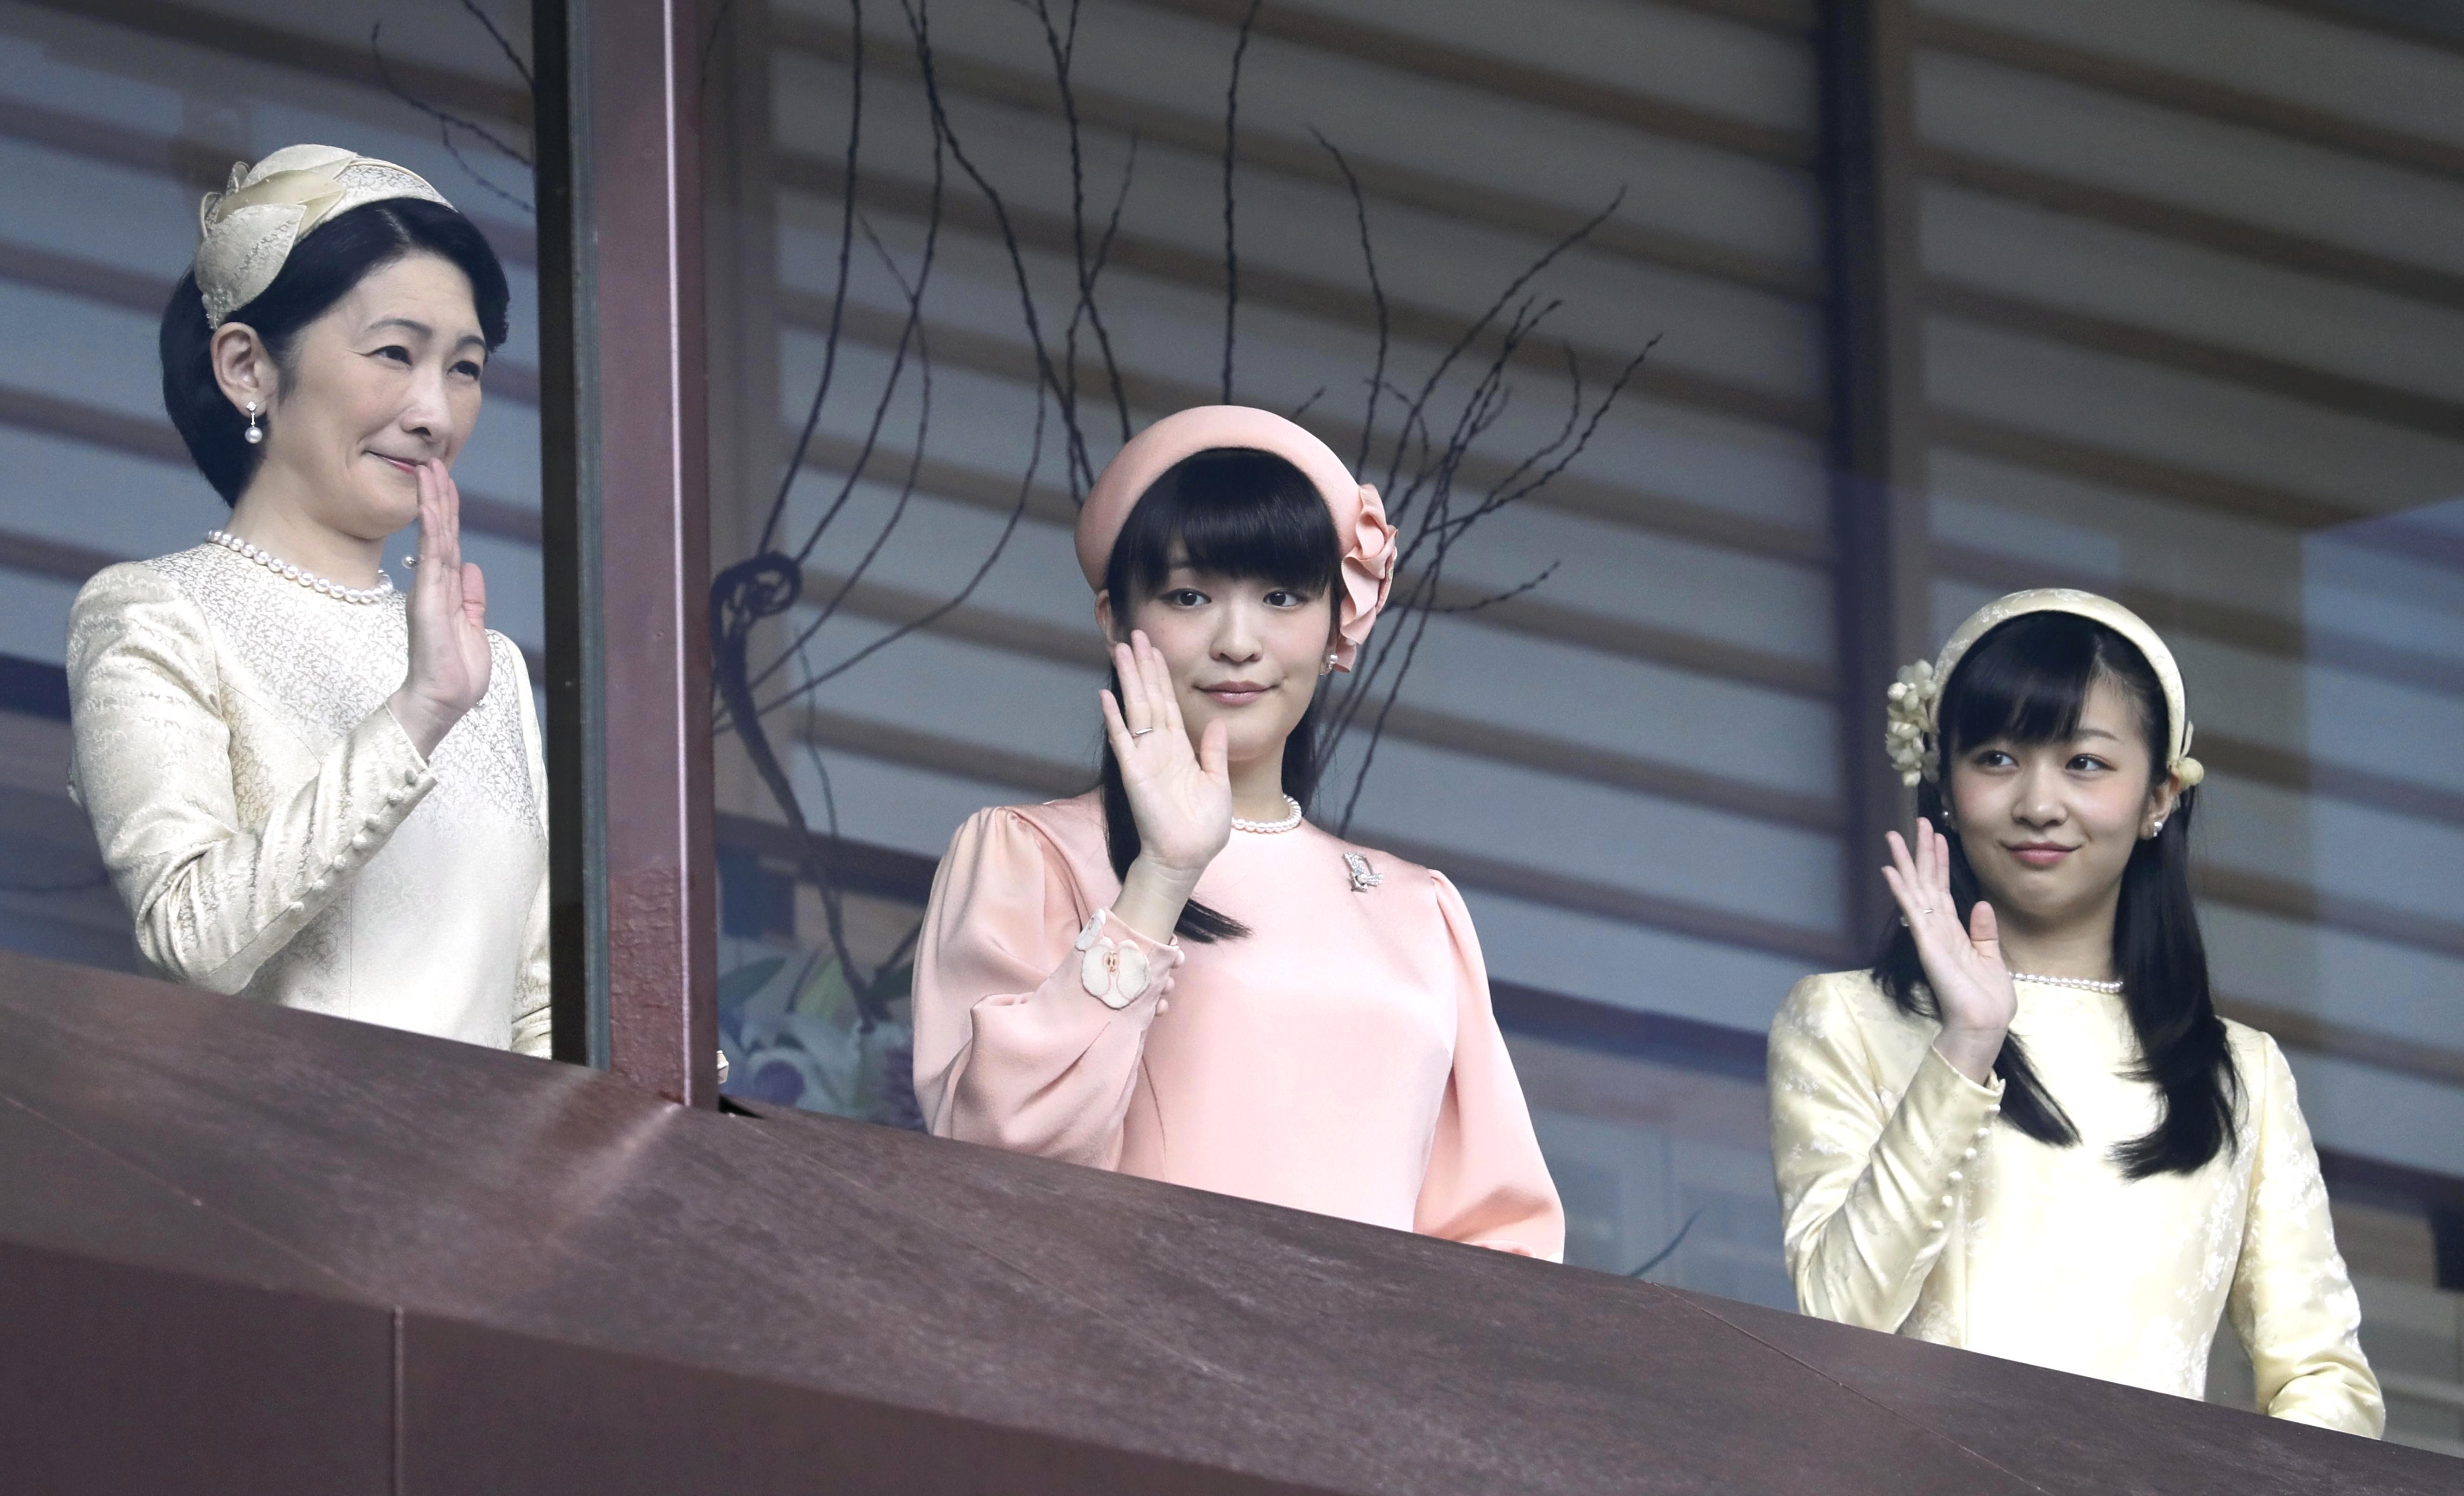 日本皇室繼承危機...真子公主下嫁平民「血脈非皇子」